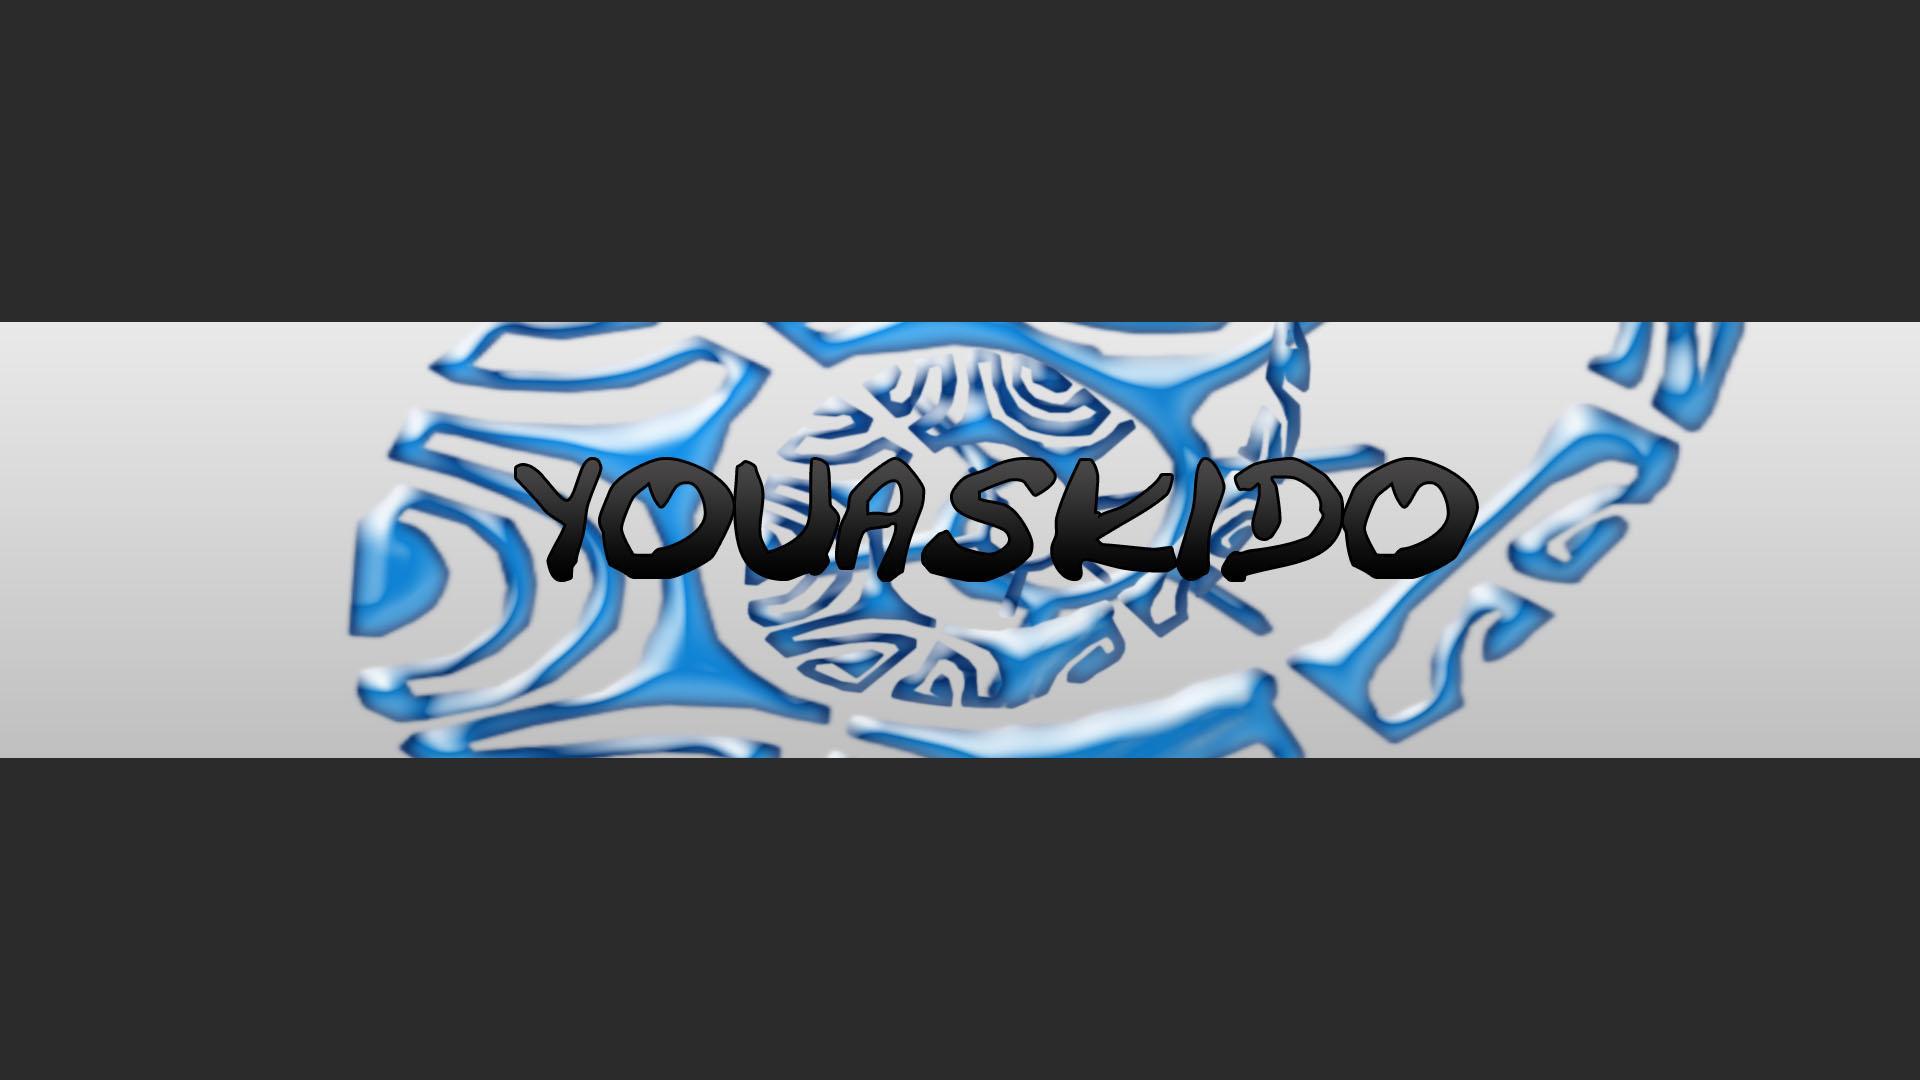 Youaskido